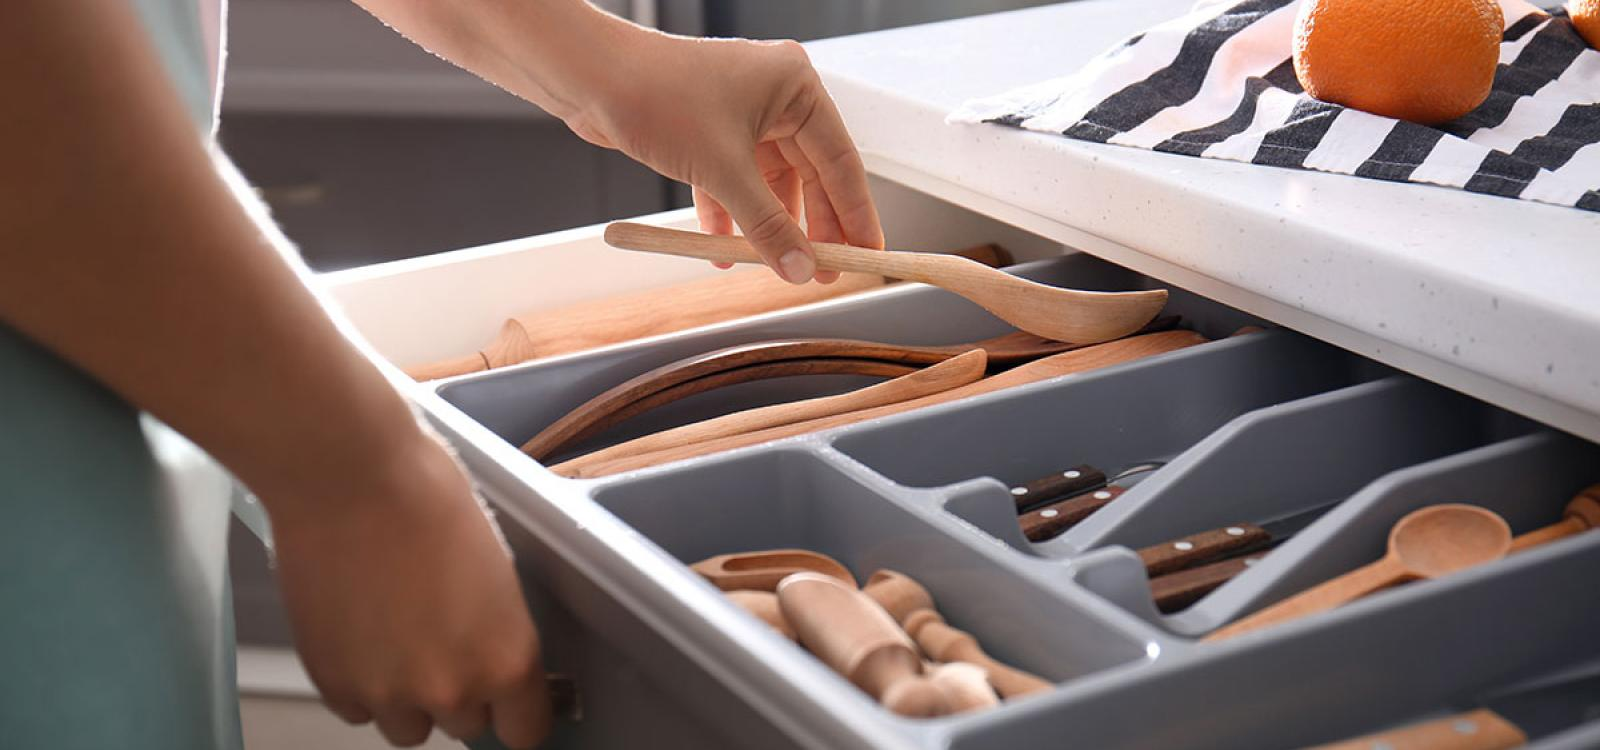 Recomendaciones para organizar la cocina correctamente